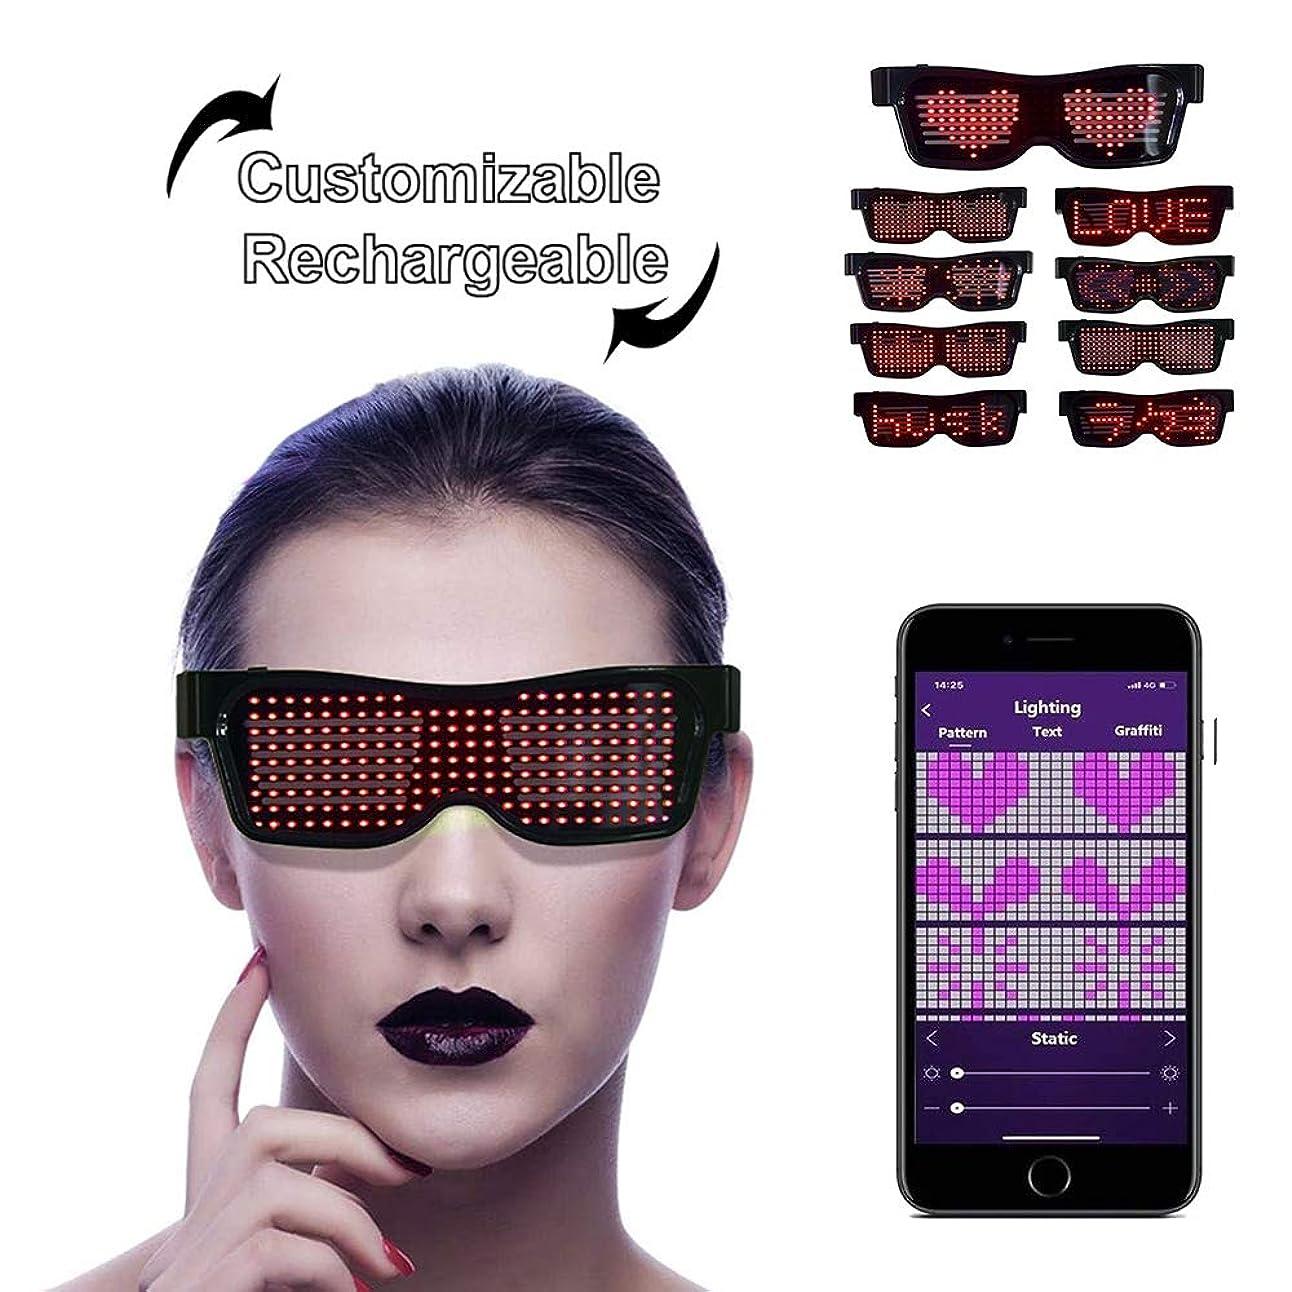 実行可能定期的に達成可能LEDサングラス, LEDメガネ ブルートゥースLEDパーティーメガネカスタマイズ可能なLEDメガネUSB充電式9モードワイヤレス点滅LEDディスプレイ、フェスティバル用グロー眼鏡レイヴパーティー